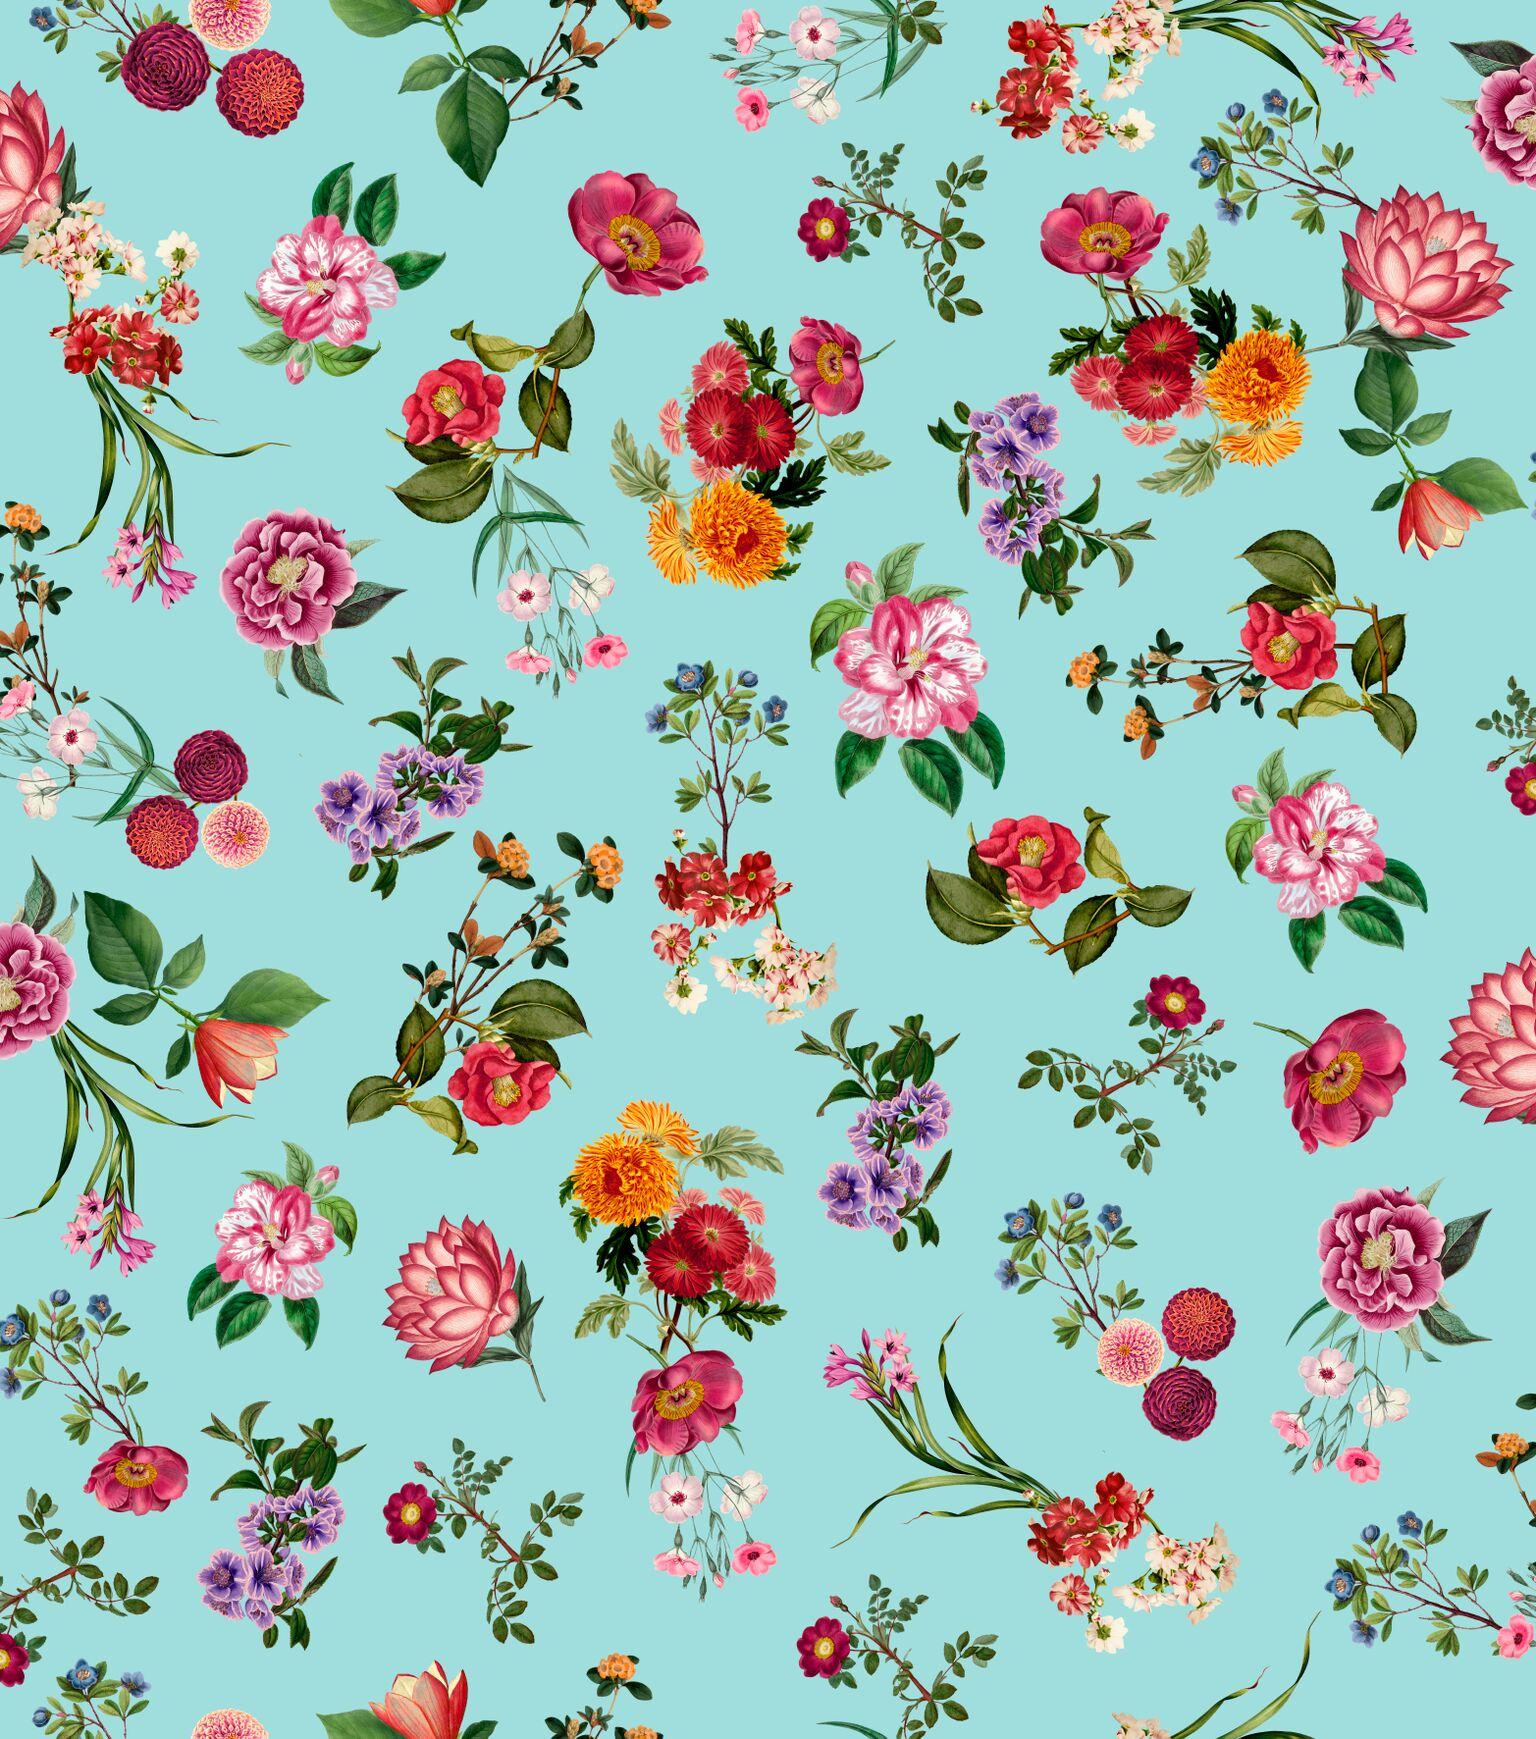 Papel de Parede Coleção Brincar Floral 3650 - Rolo: 10m x 0,52m